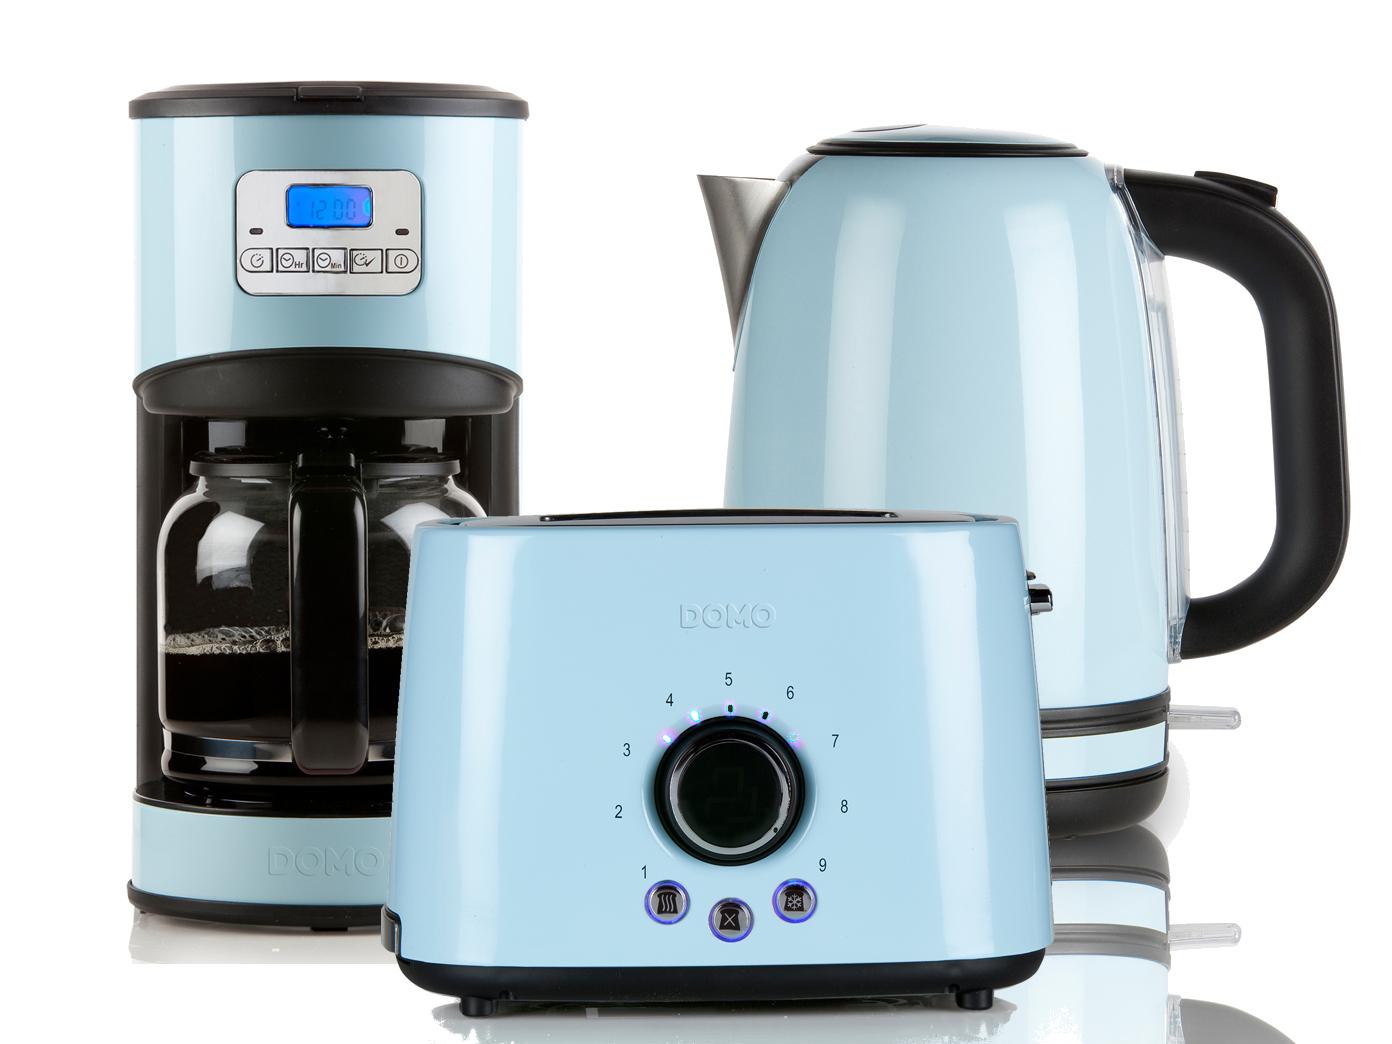 Smeg Kühlschrank Blau : Smeg kühlschrank pastellblau: smeg kühlschrank fab28 orange jetzt